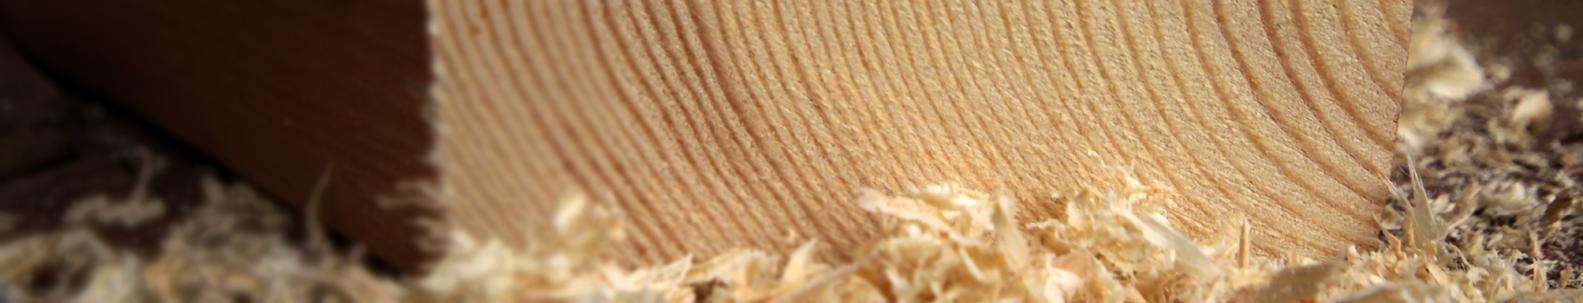 Juostinės šlifavimo staklės  Pažangios, aukštos kokybės juostinės medienos šlifavimo staklės